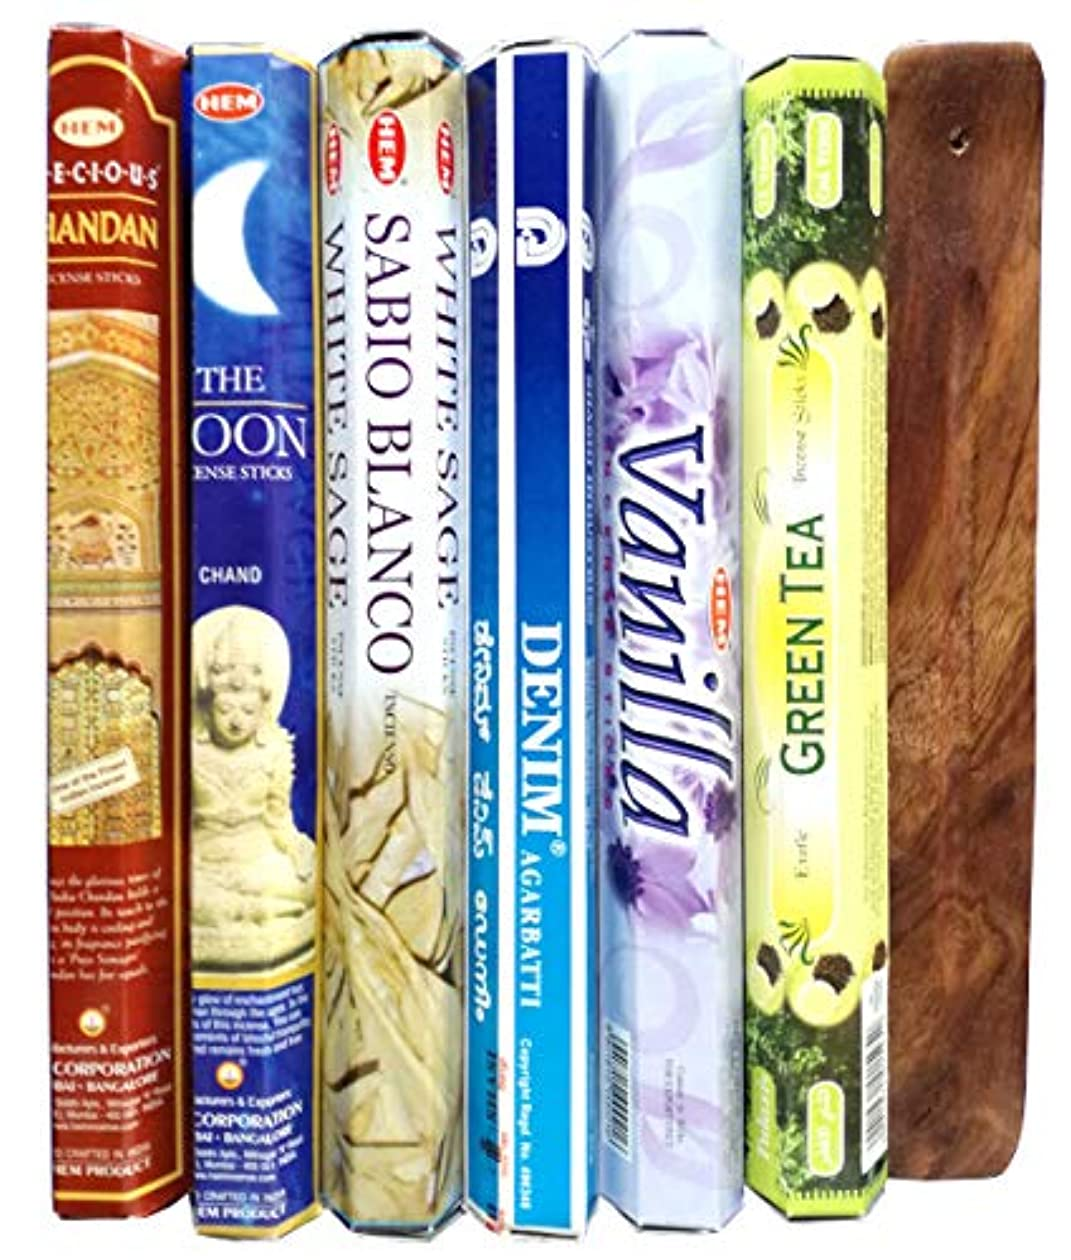 チャップ放散する肥満人気のインド香6種類と木の香立て付